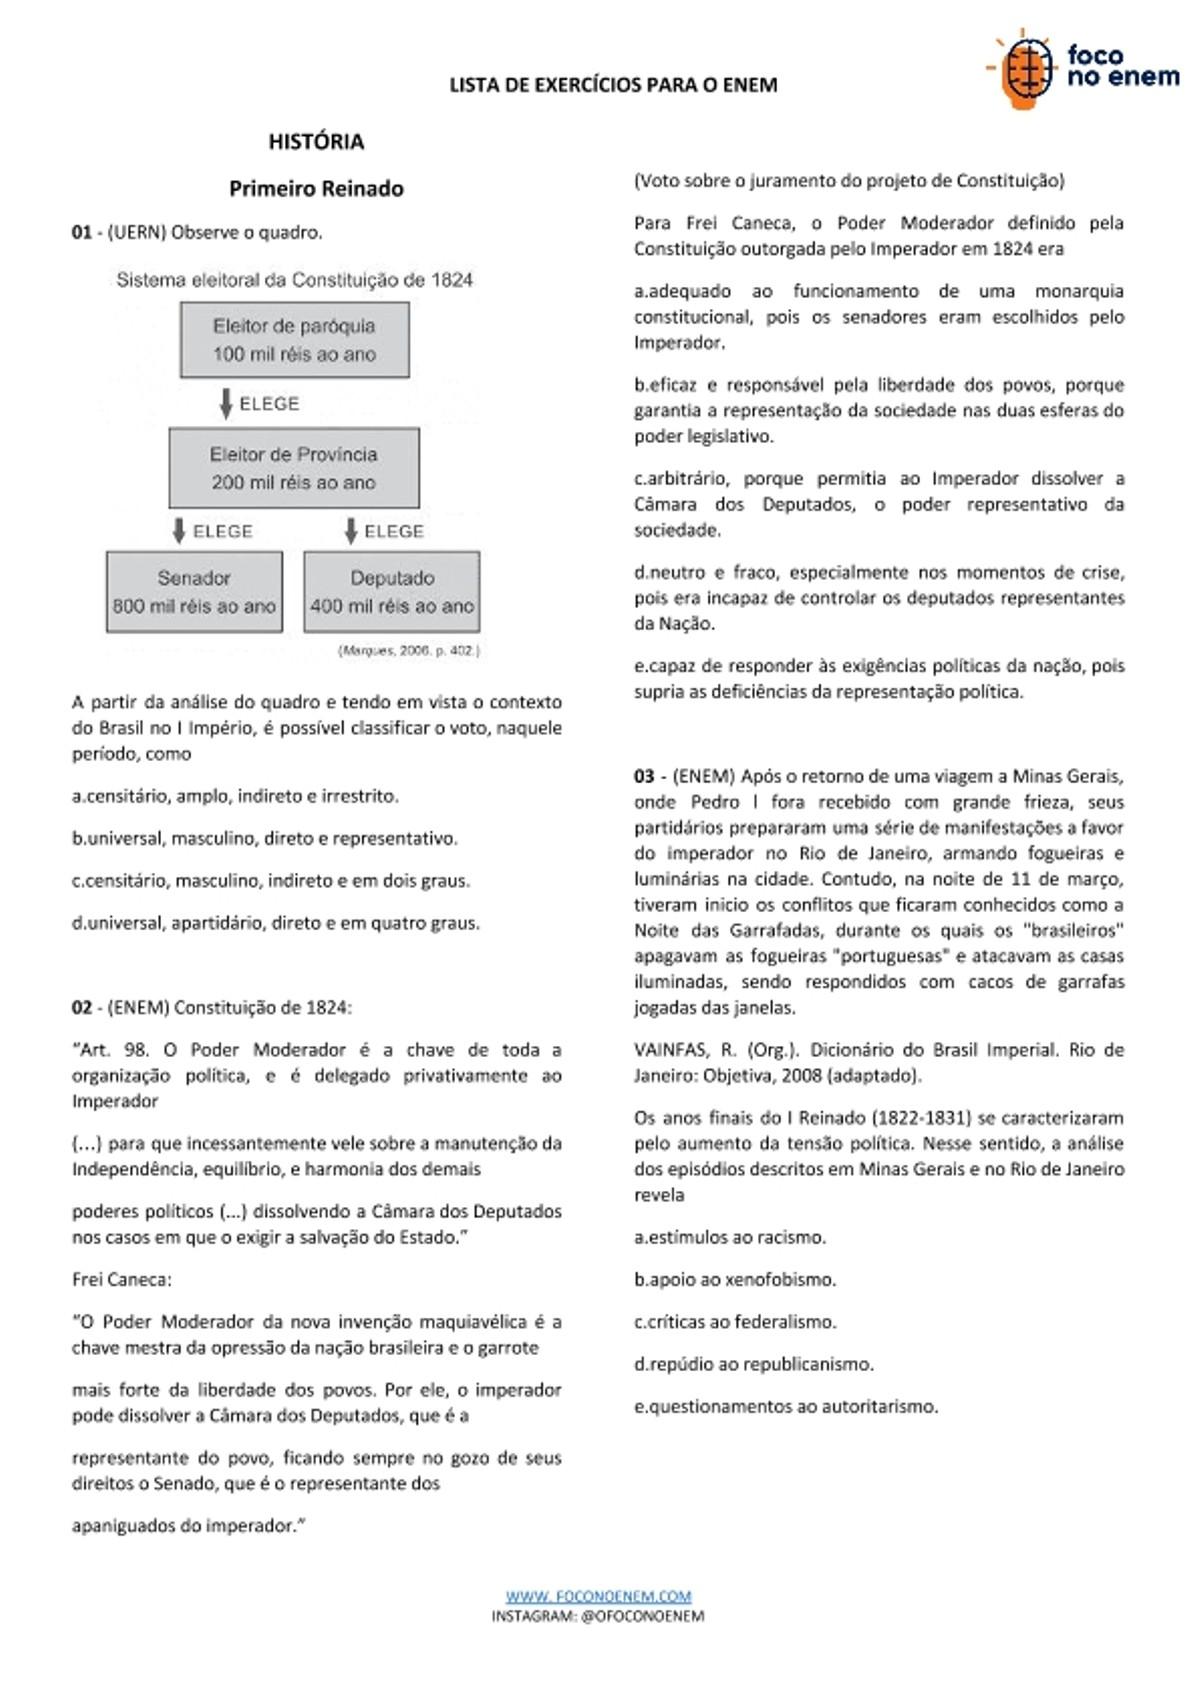 Pre-visualização do material Primeiro-Reinado-Lista-de-Exercicios-Historia-ENEM (1) - página 1